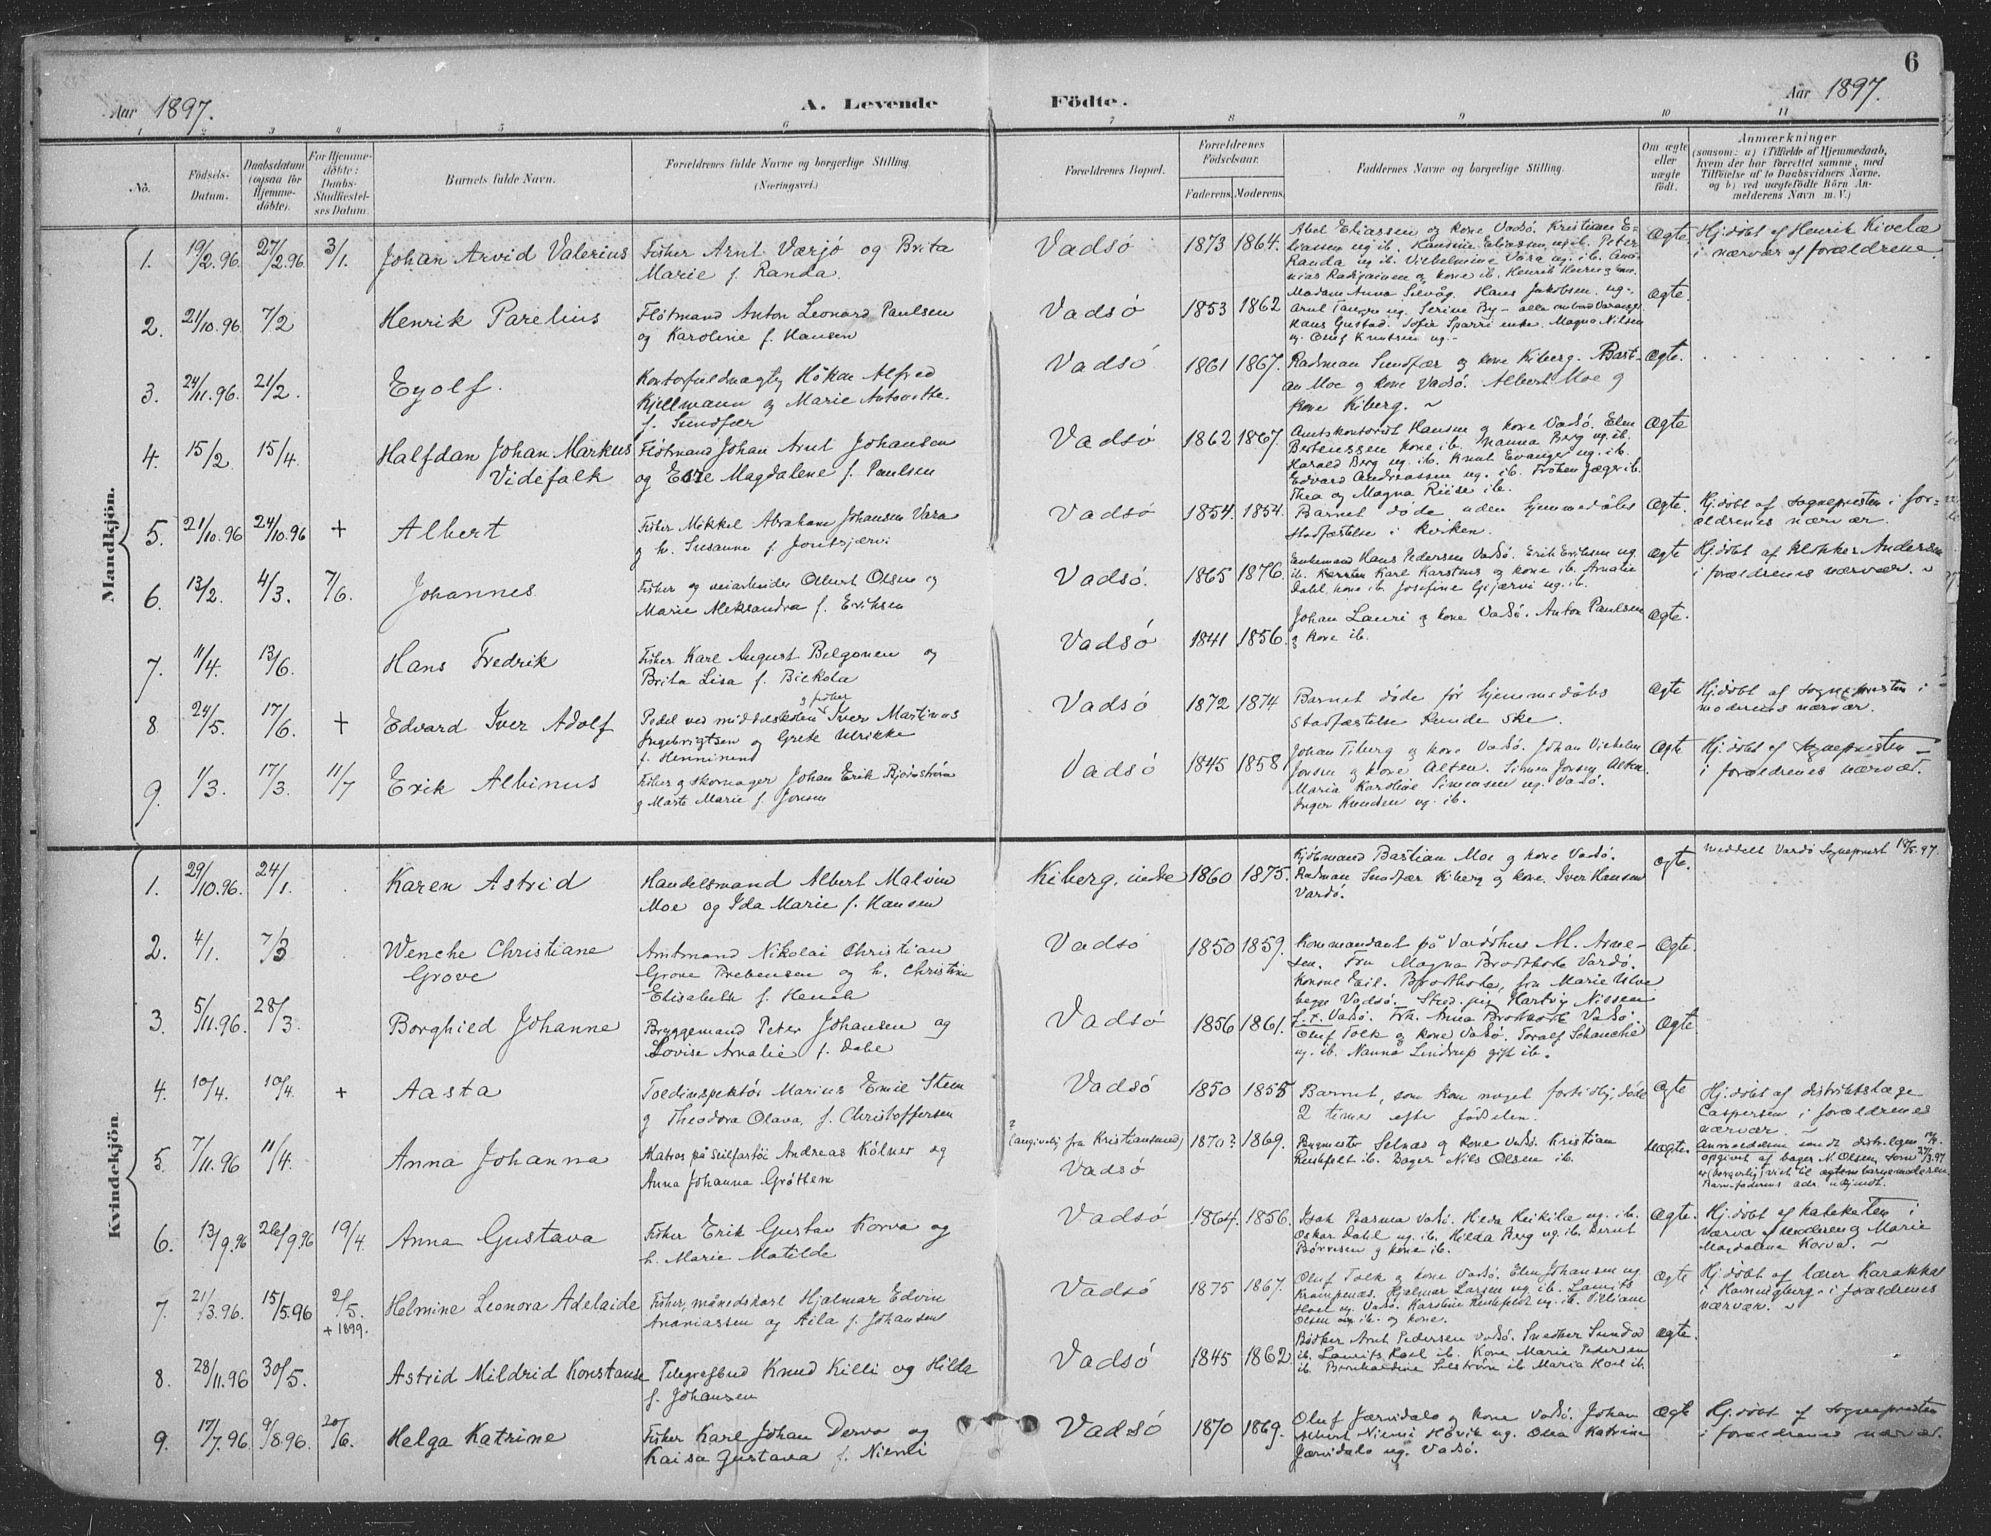 SATØ, Vadsø sokneprestkontor, H/Ha/L0007kirke: Ministerialbok nr. 7, 1896-1916, s. 6